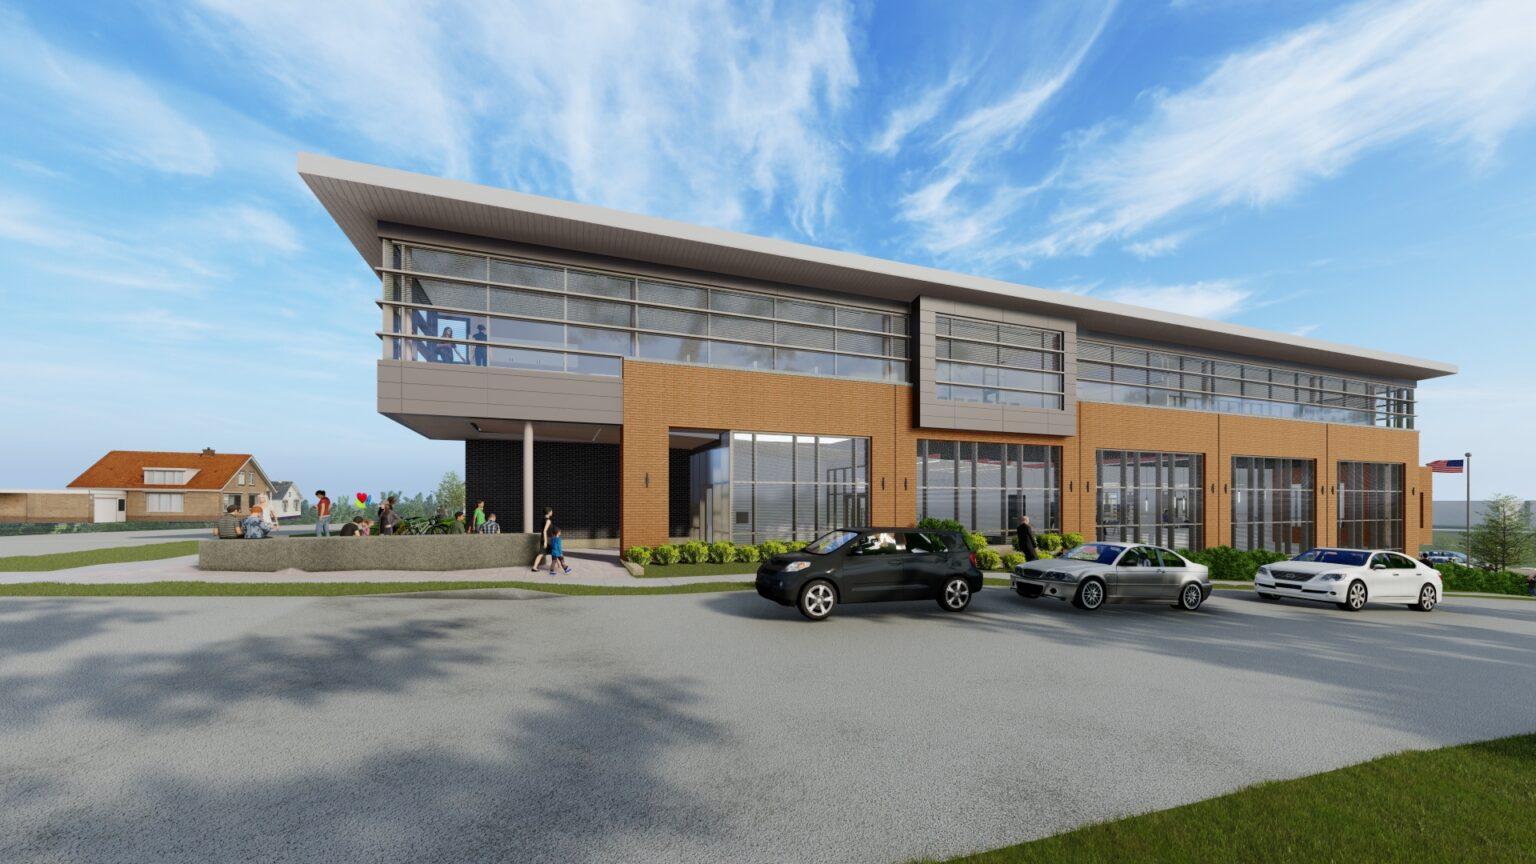 City Council reviews plans for $20 million Bloomington Public Library expansion